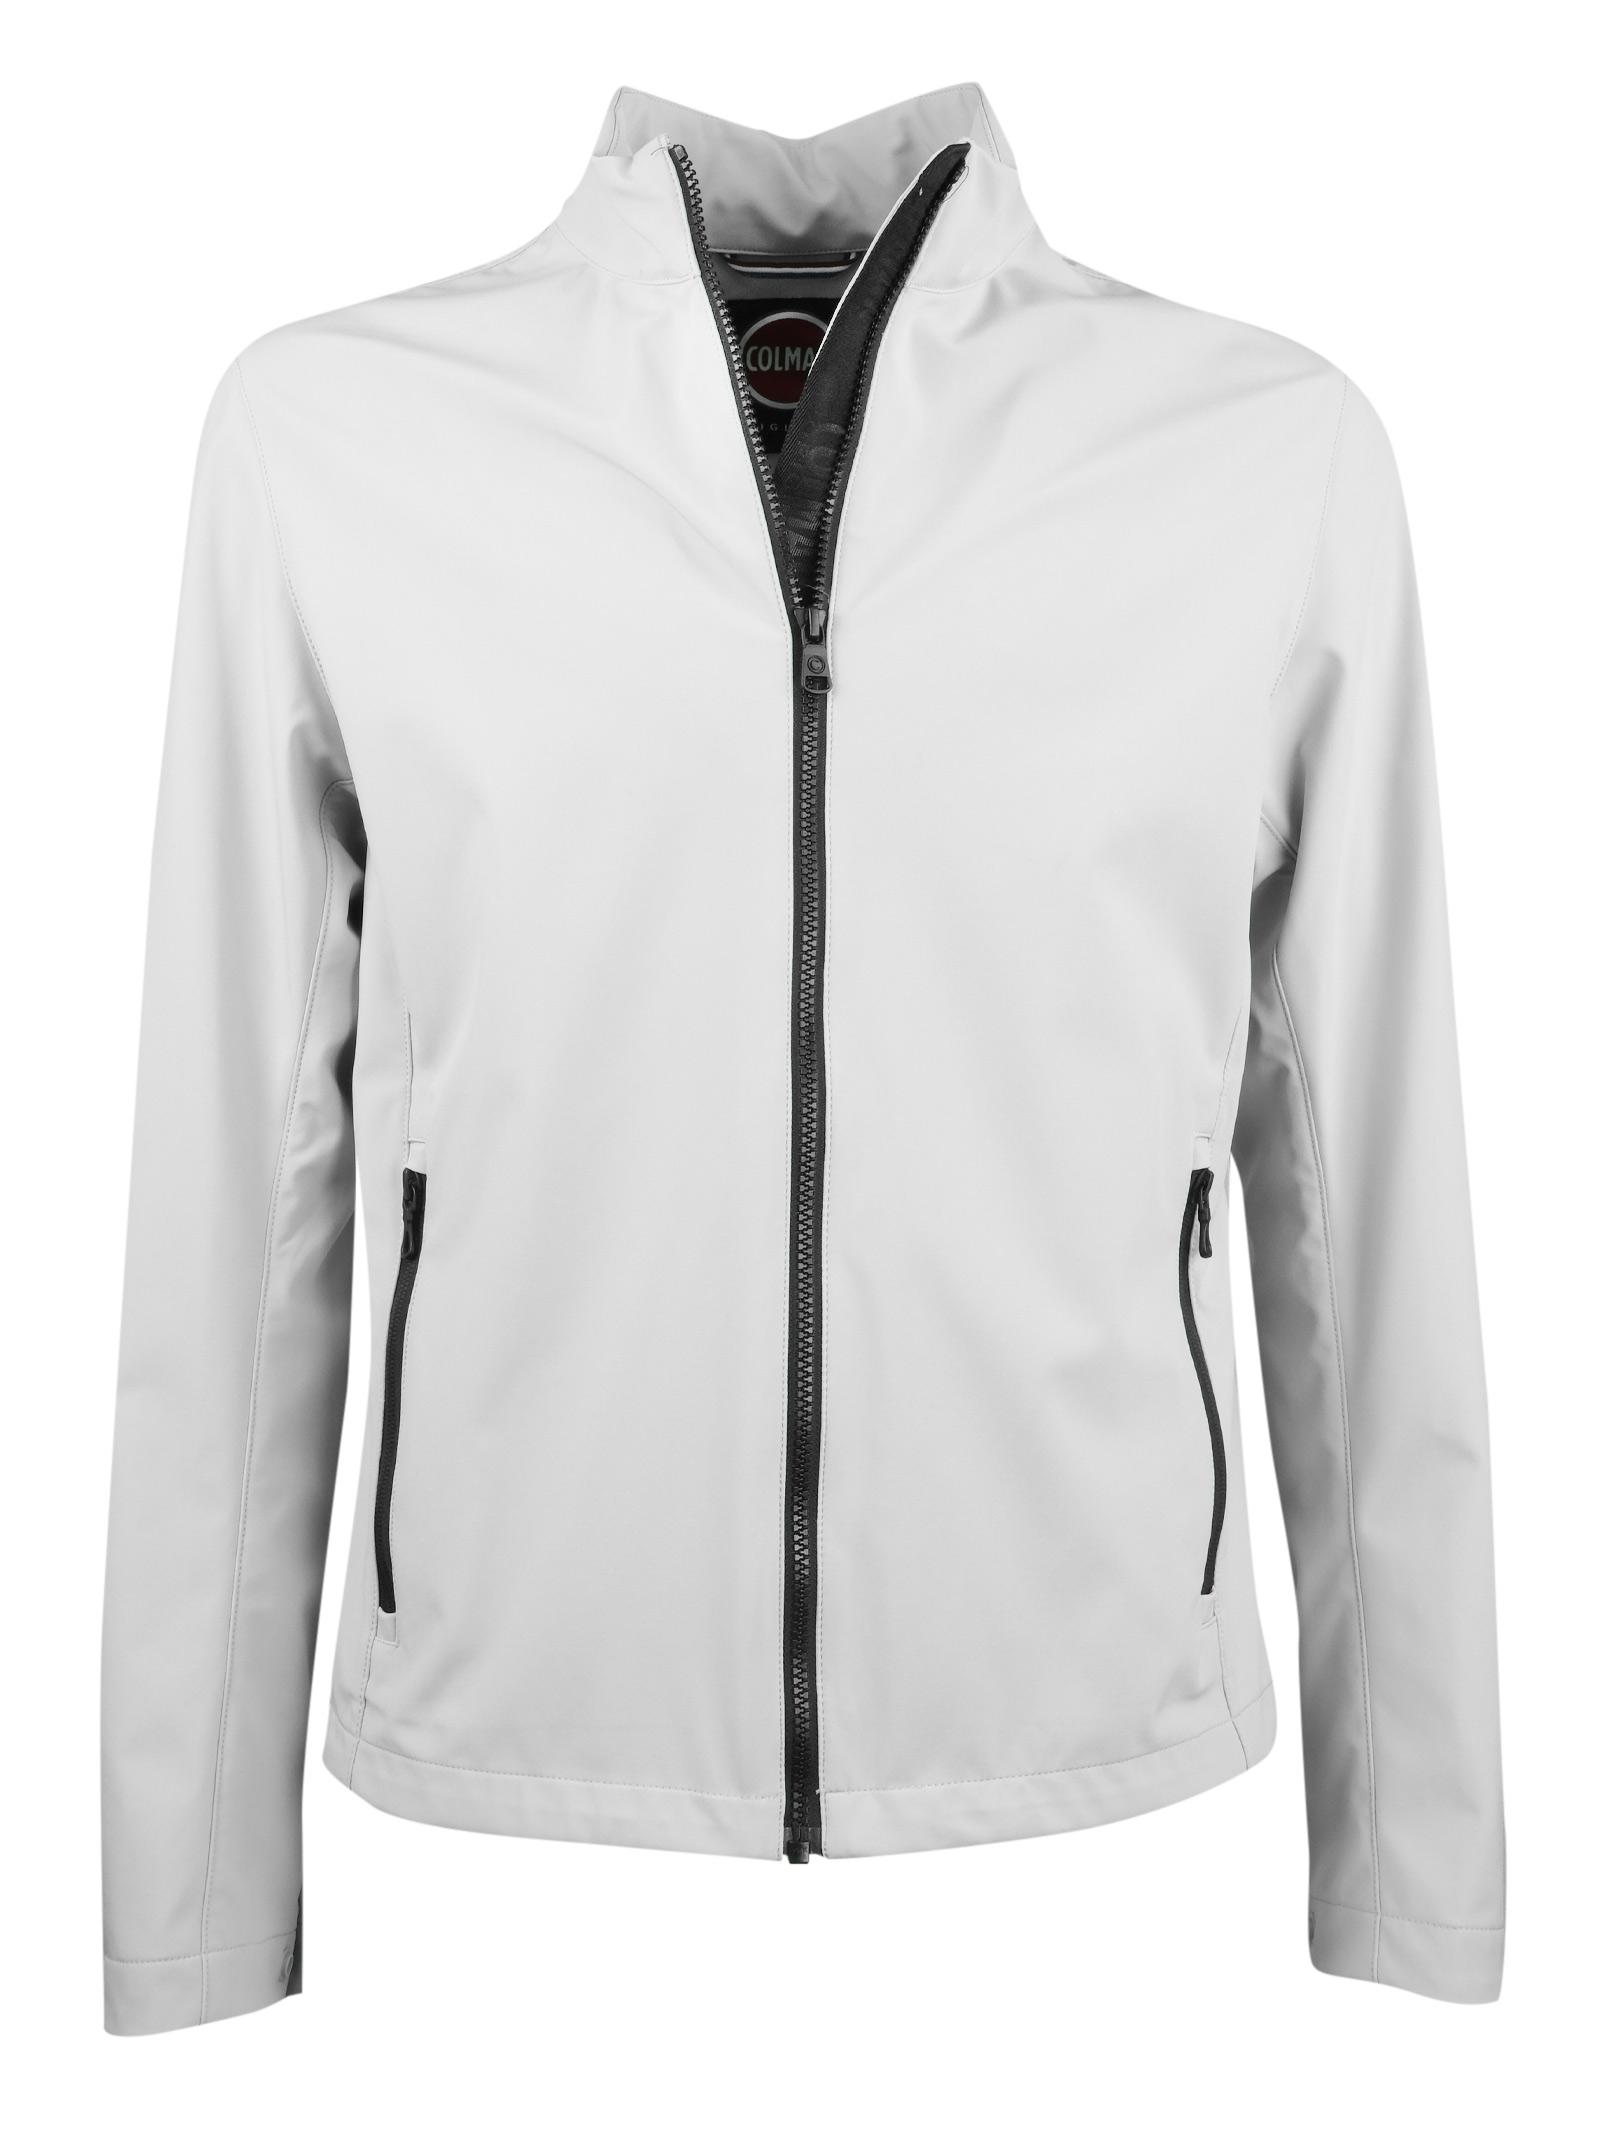 Stretch softshell jacket. COLMAR | Jackets | 1865 4UL428